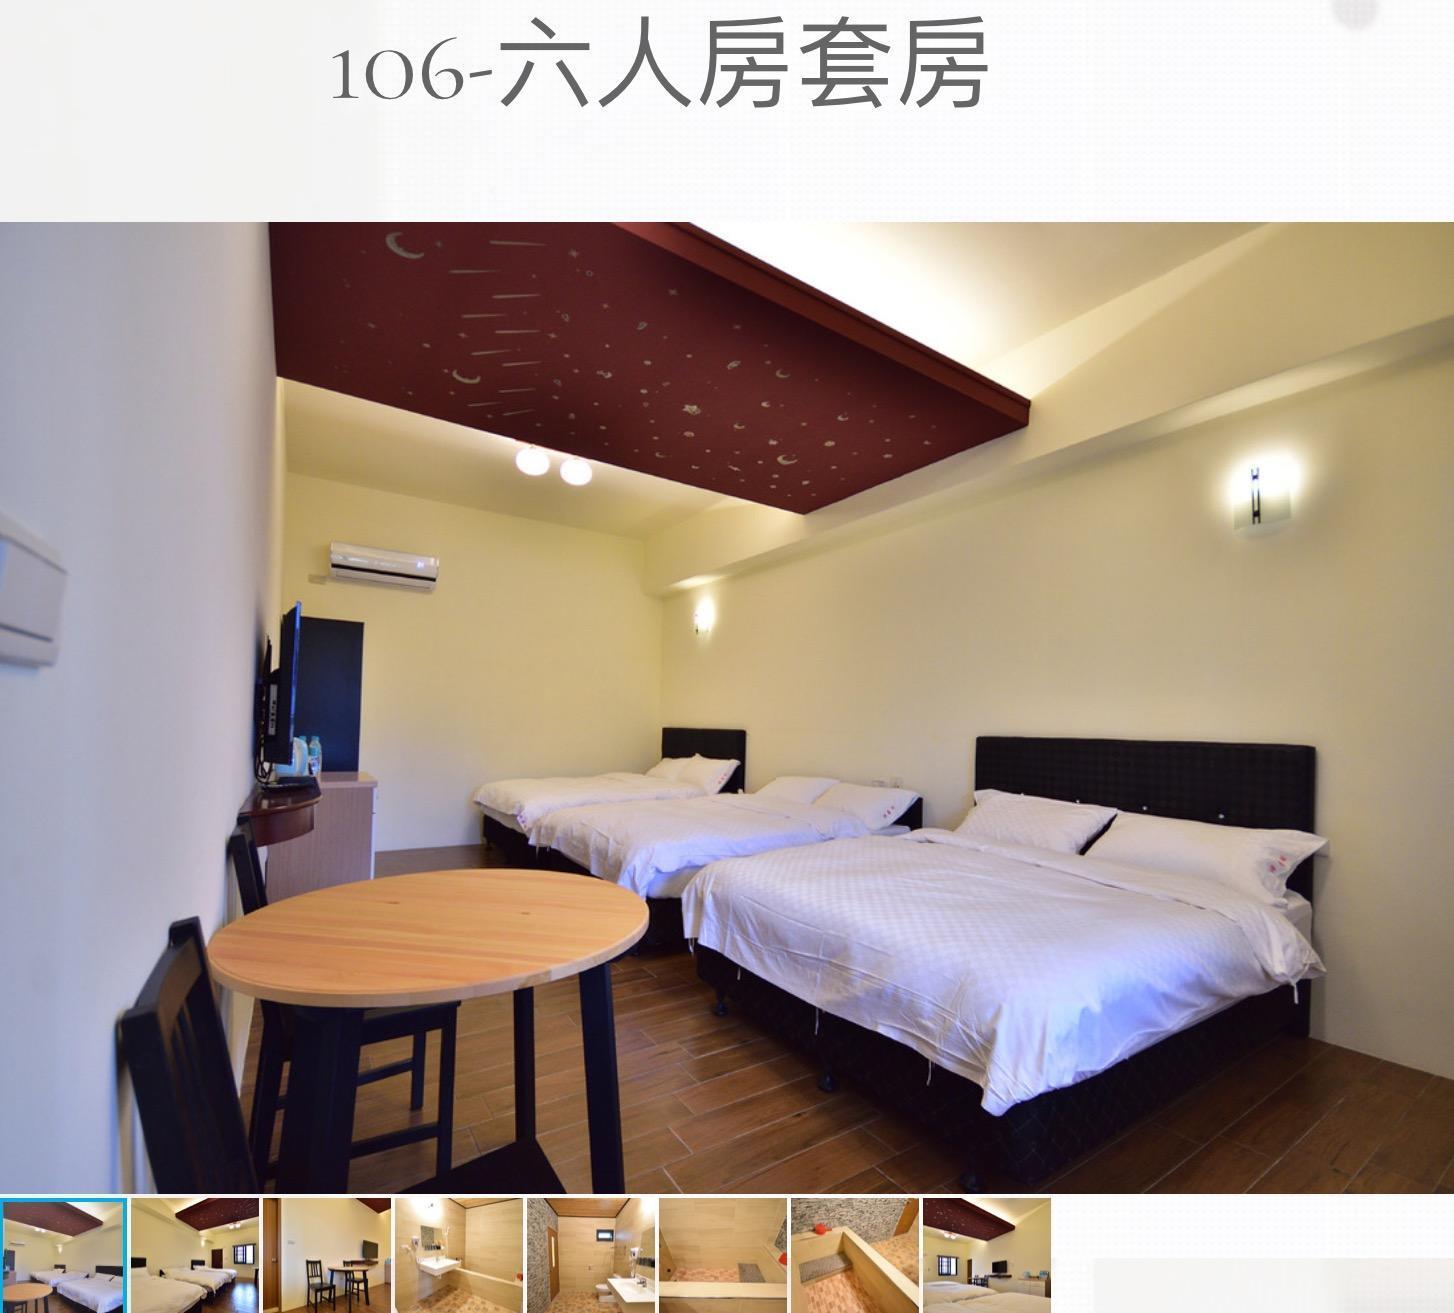 Yi Xiang Yuan Guest House